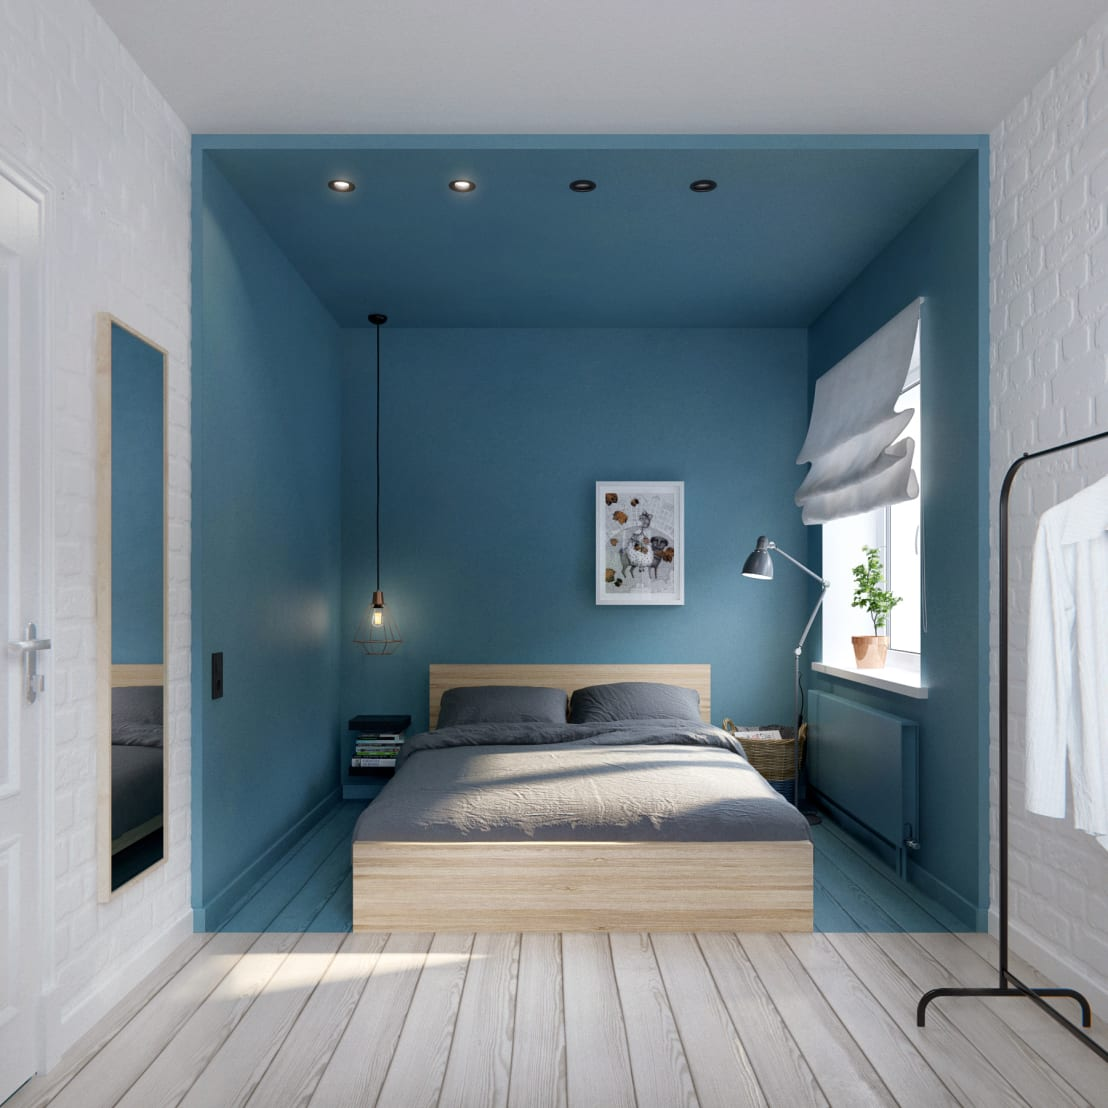 Feng Shui Farben Wohnzimmer Luxus 21 Wohnzimmer Farben: Gestalte Dein Schlafzimmer Wie Ein Echter Feng Shui Experte